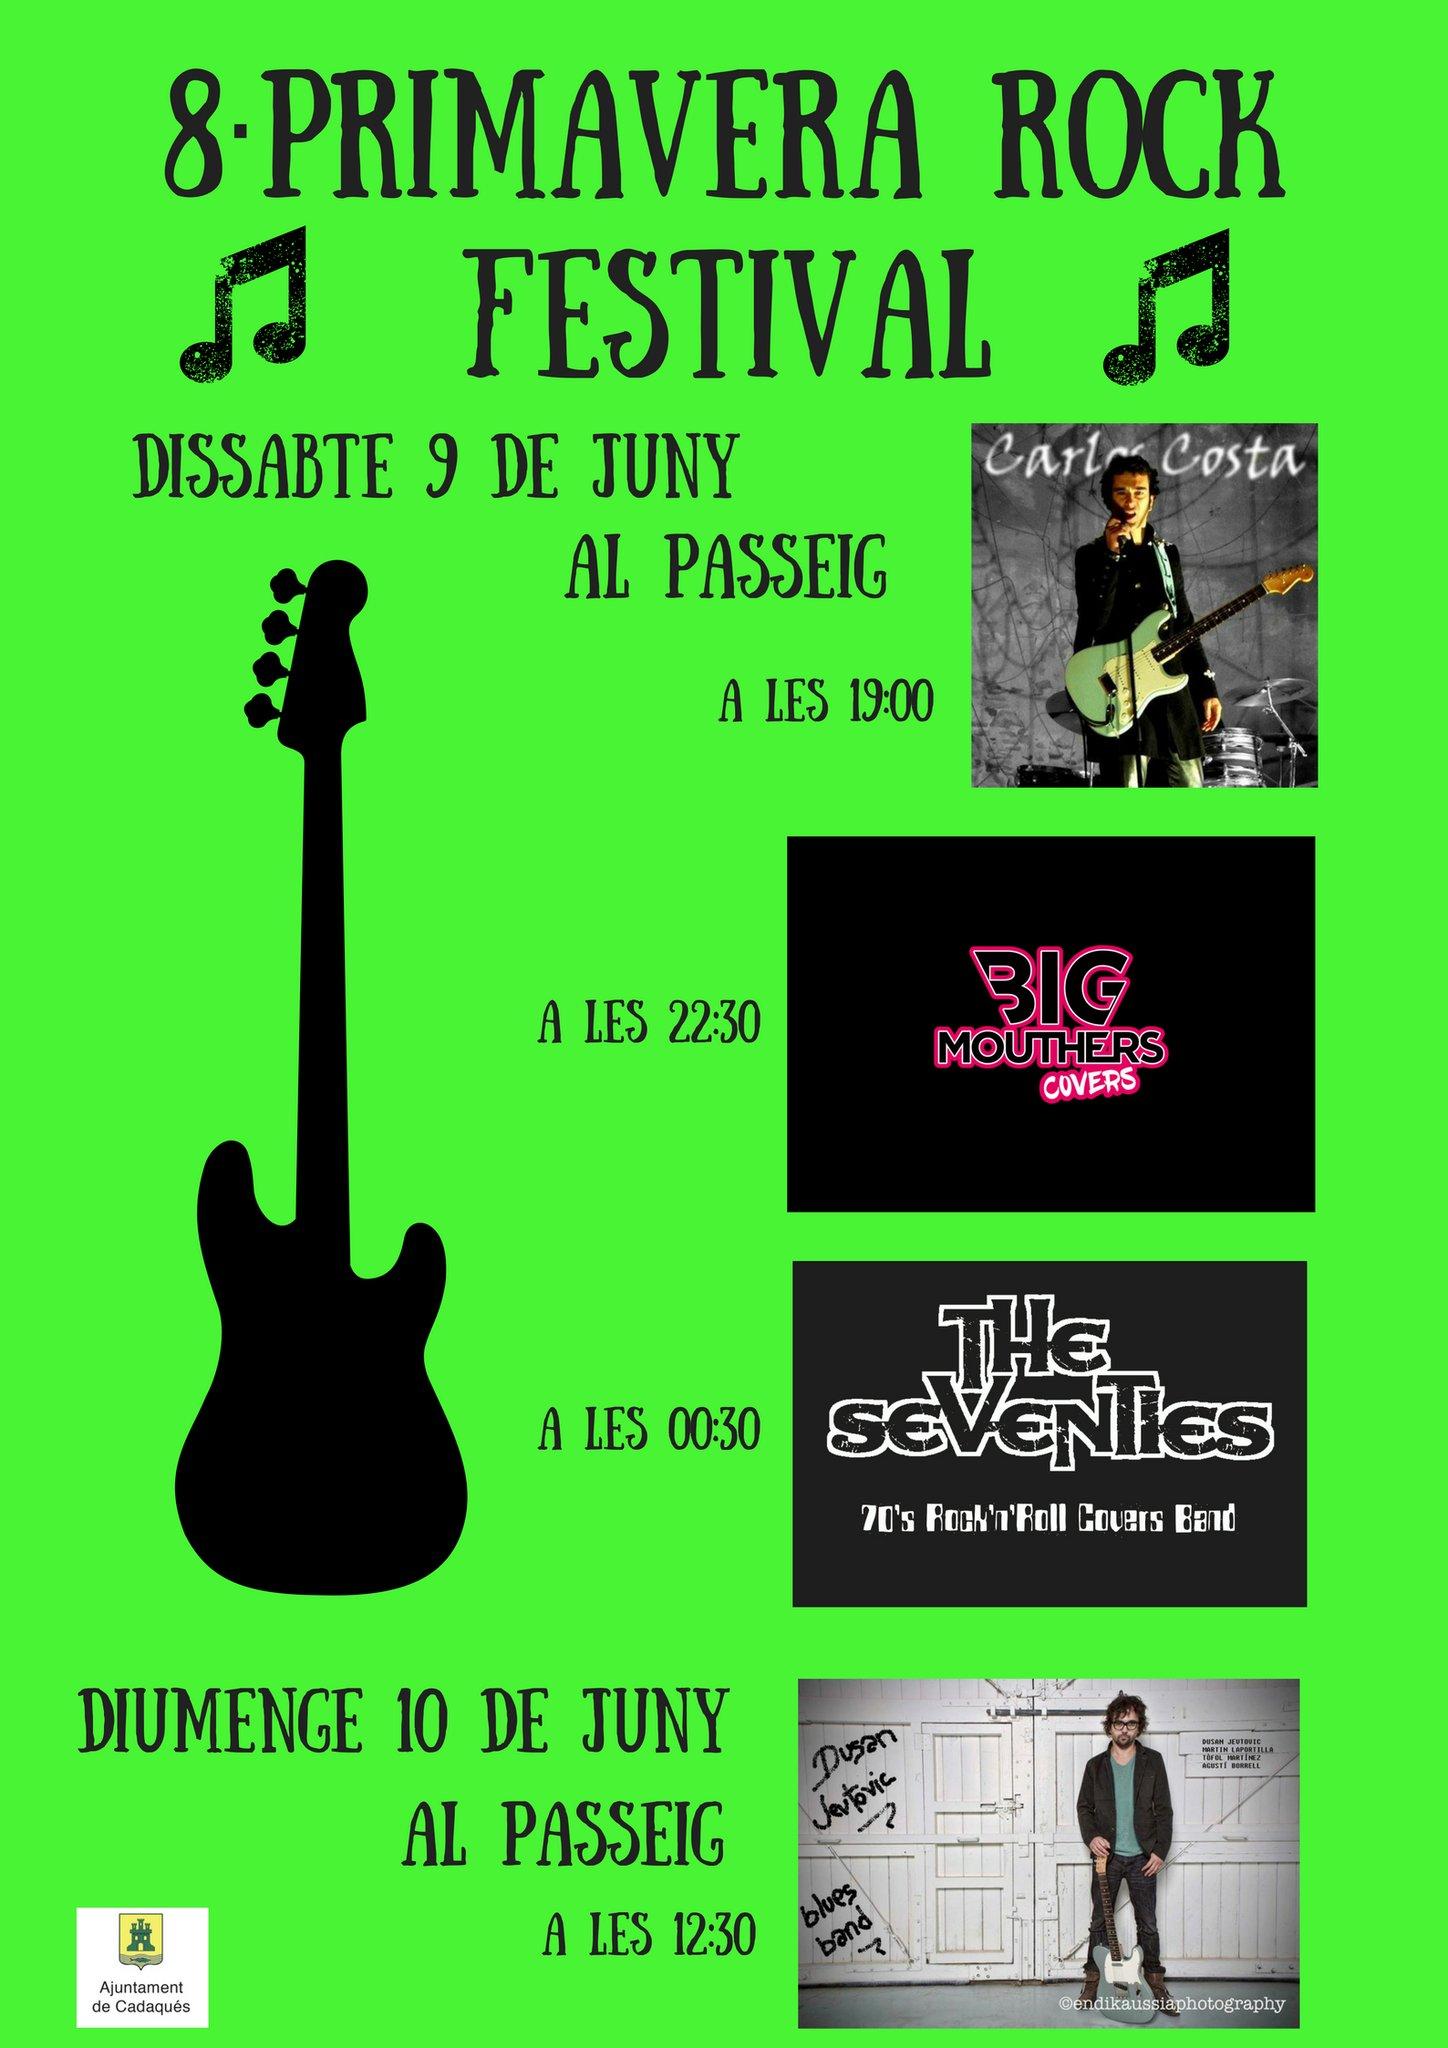 Primavera Rock Festival Cadaques